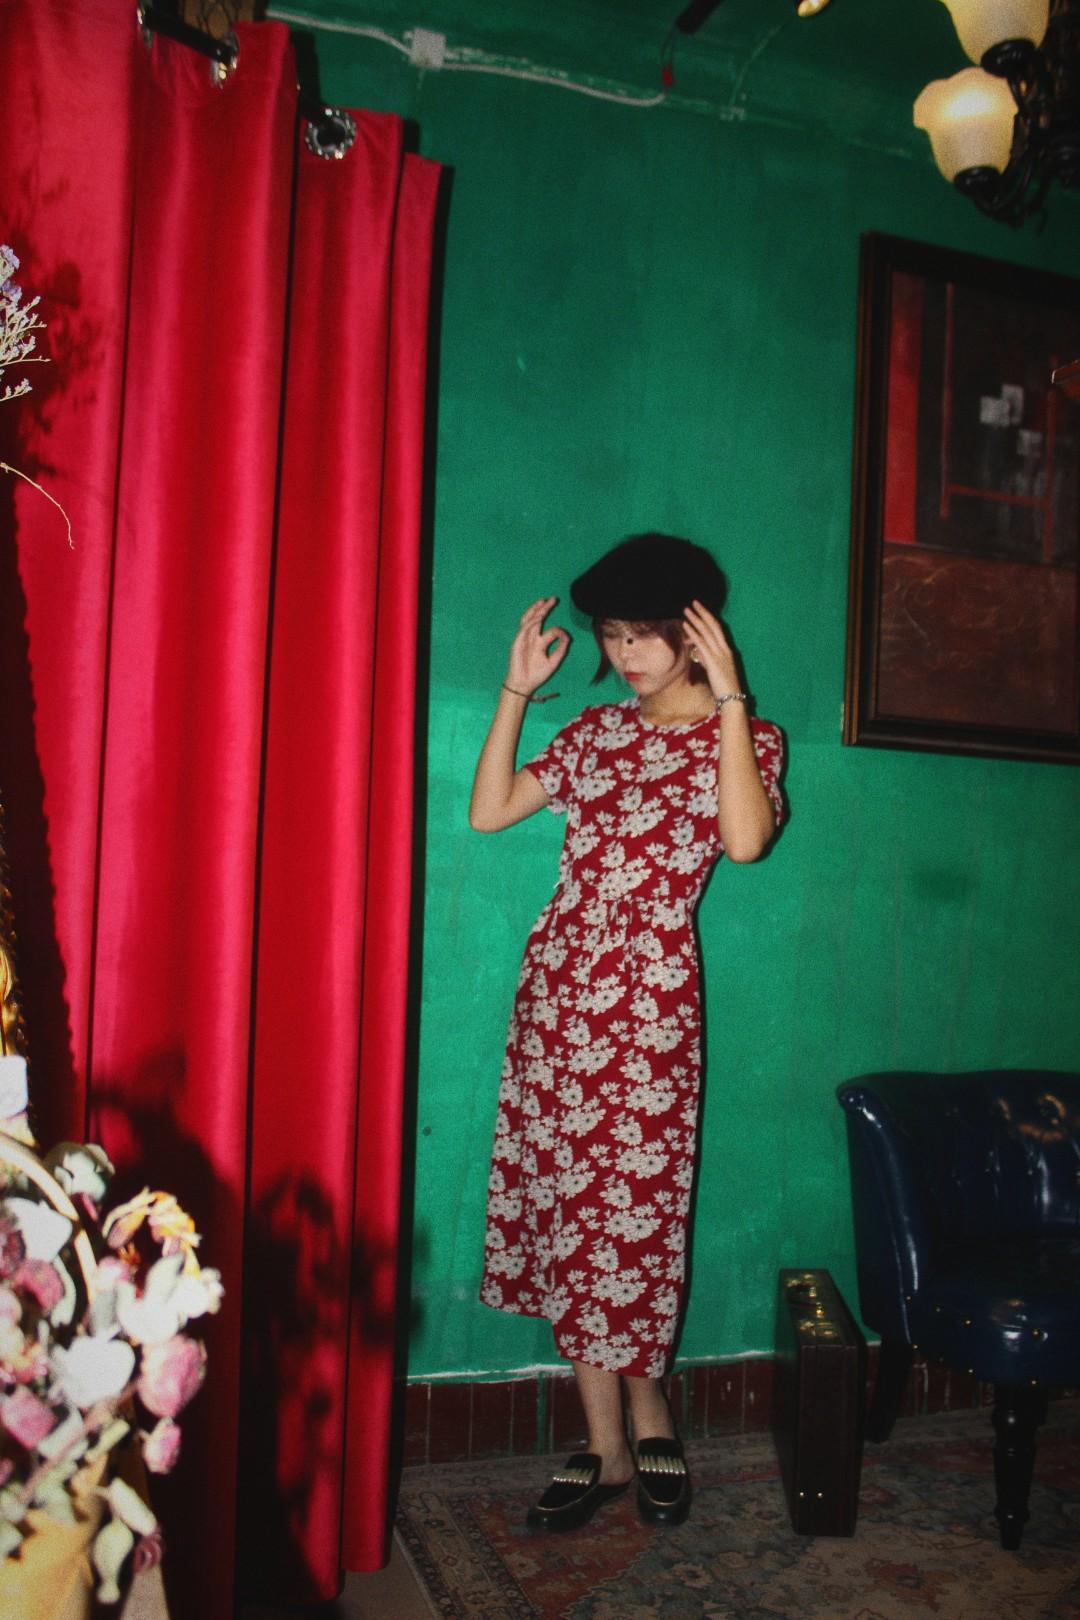 #2019早秋流行,我带你追!# 复古红裙!我希望每个女生都能拥有!!! 太好看了!带修身的设计特别有女人味! 搭配个小帽子什么的最好看了!